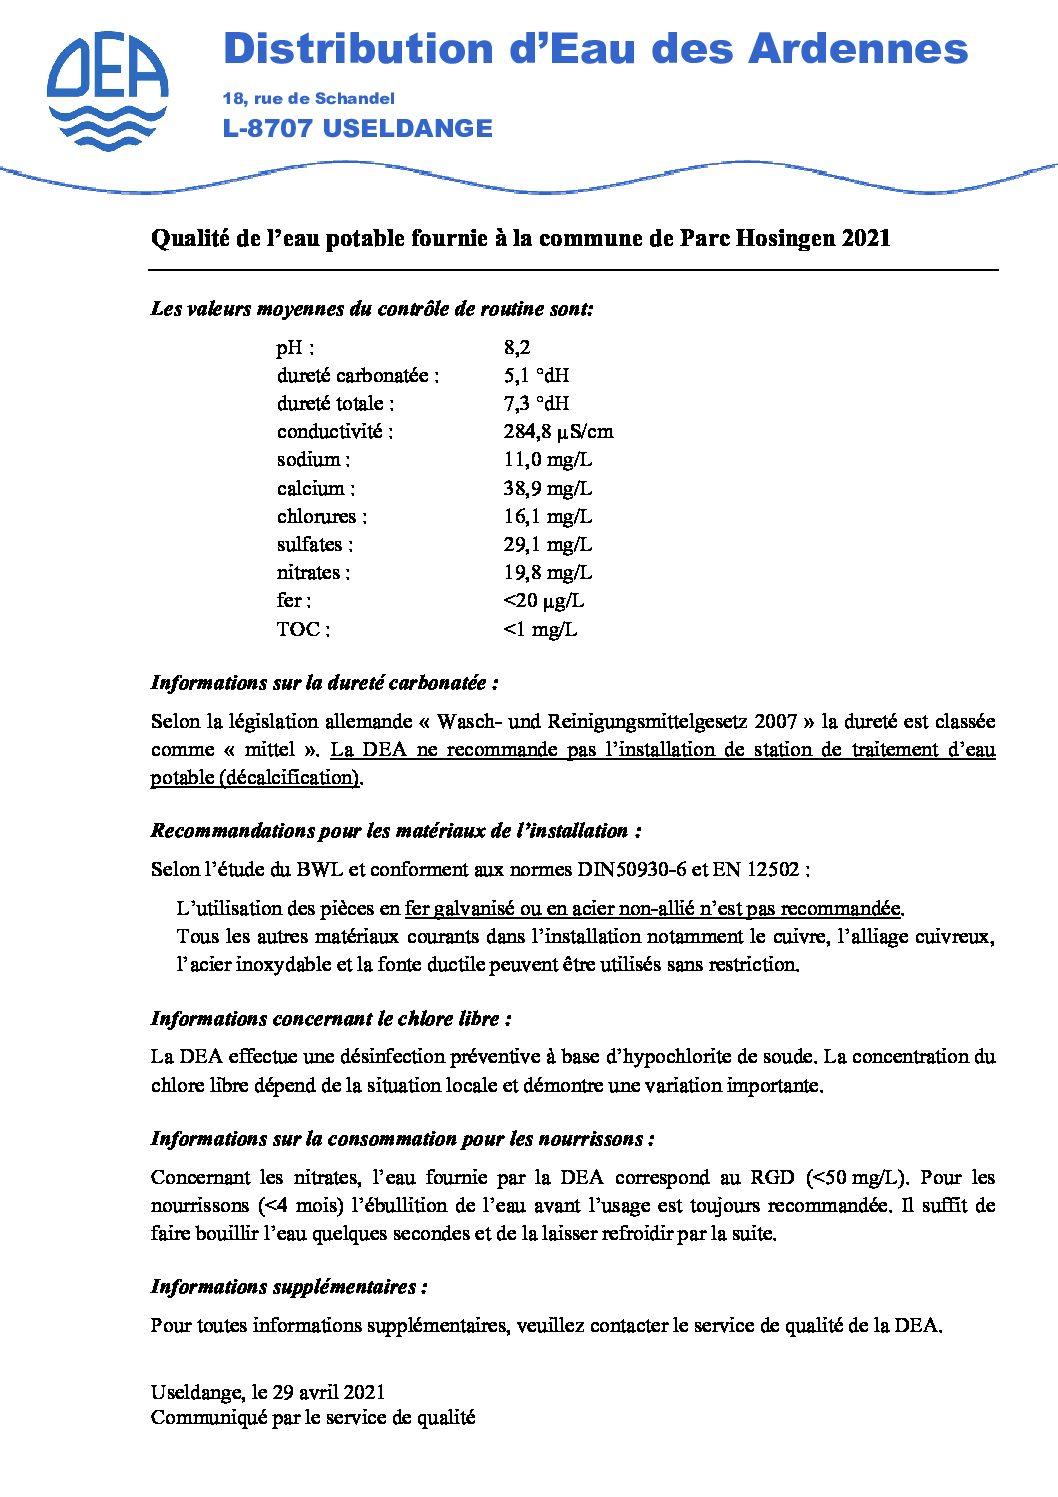 Qualité de l'eau potable fournie à la commune de Parc Hosingen 2021